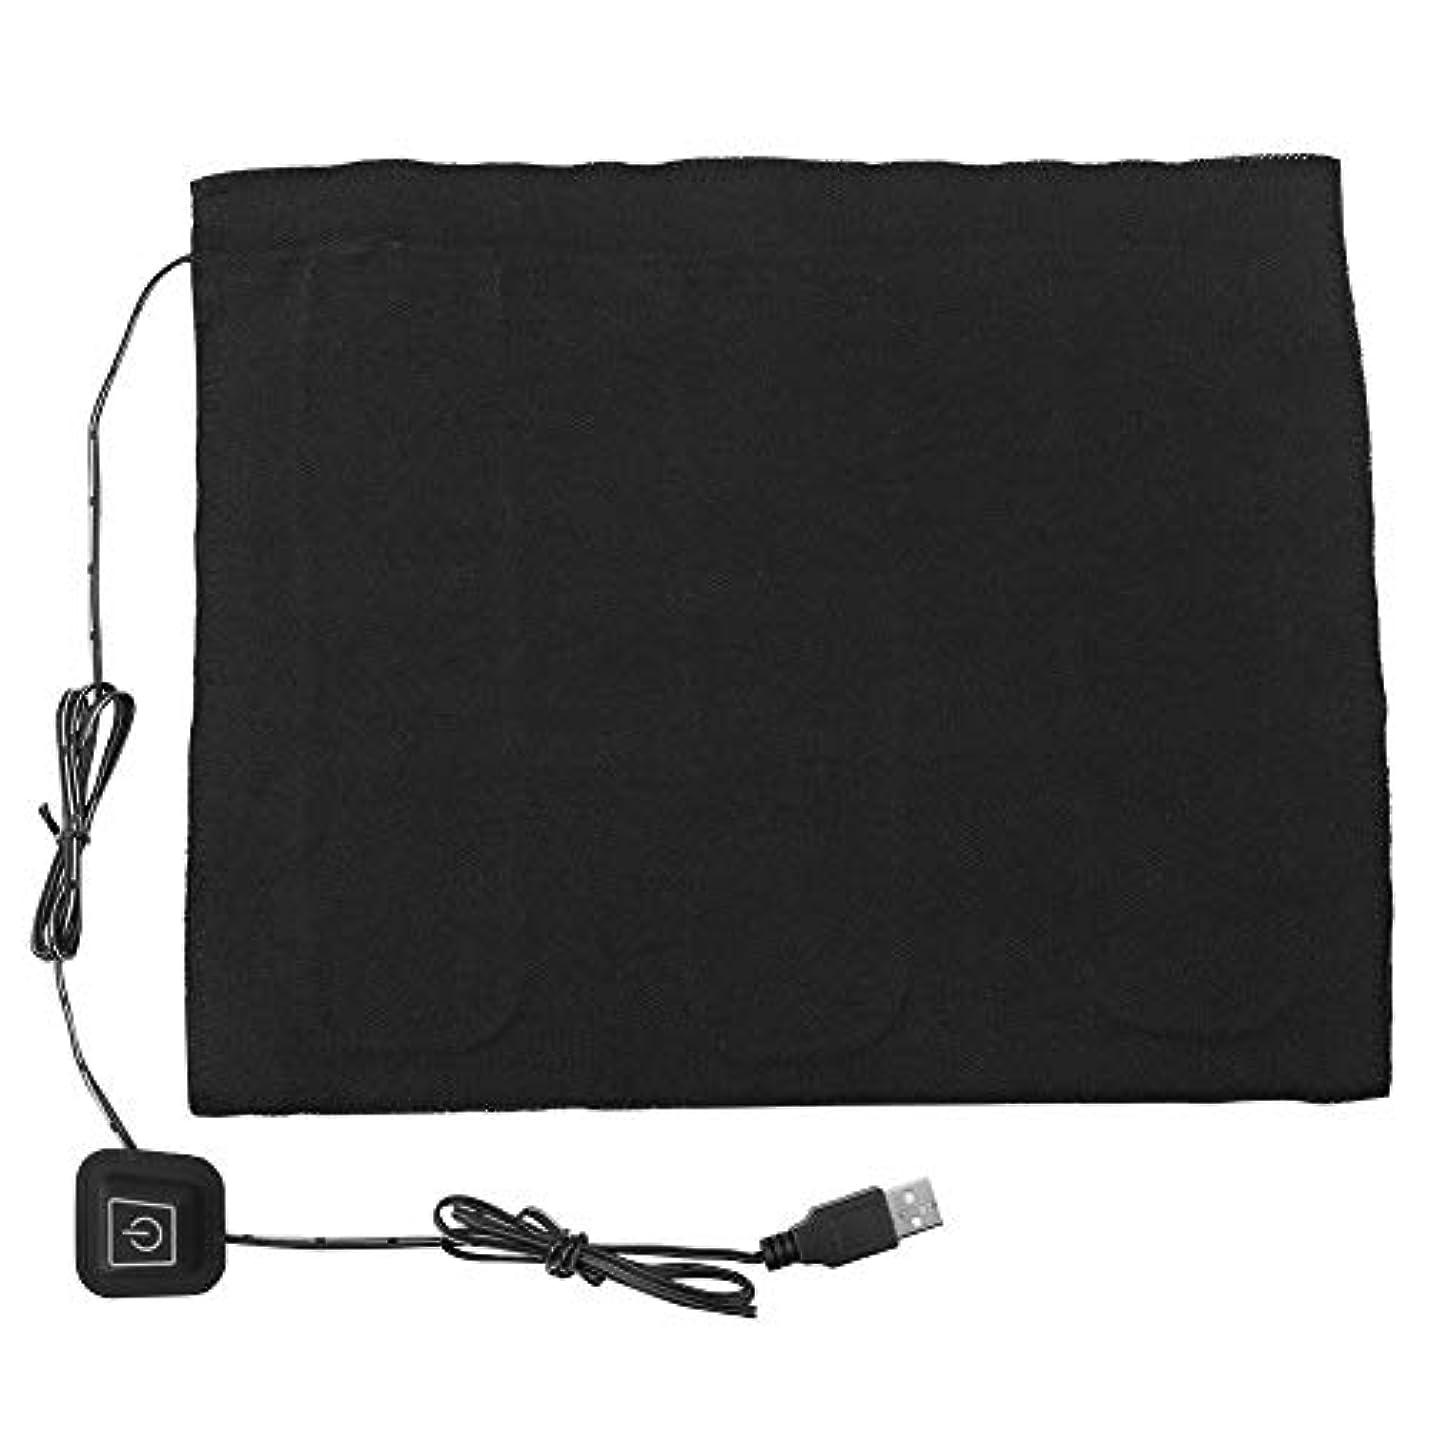 モンゴメリー舌興奮電気布ヒーターパッド、首の腹部の腰部加熱、加熱パッドペットウォーマー用DC 5 v 3シフトUSB発熱体